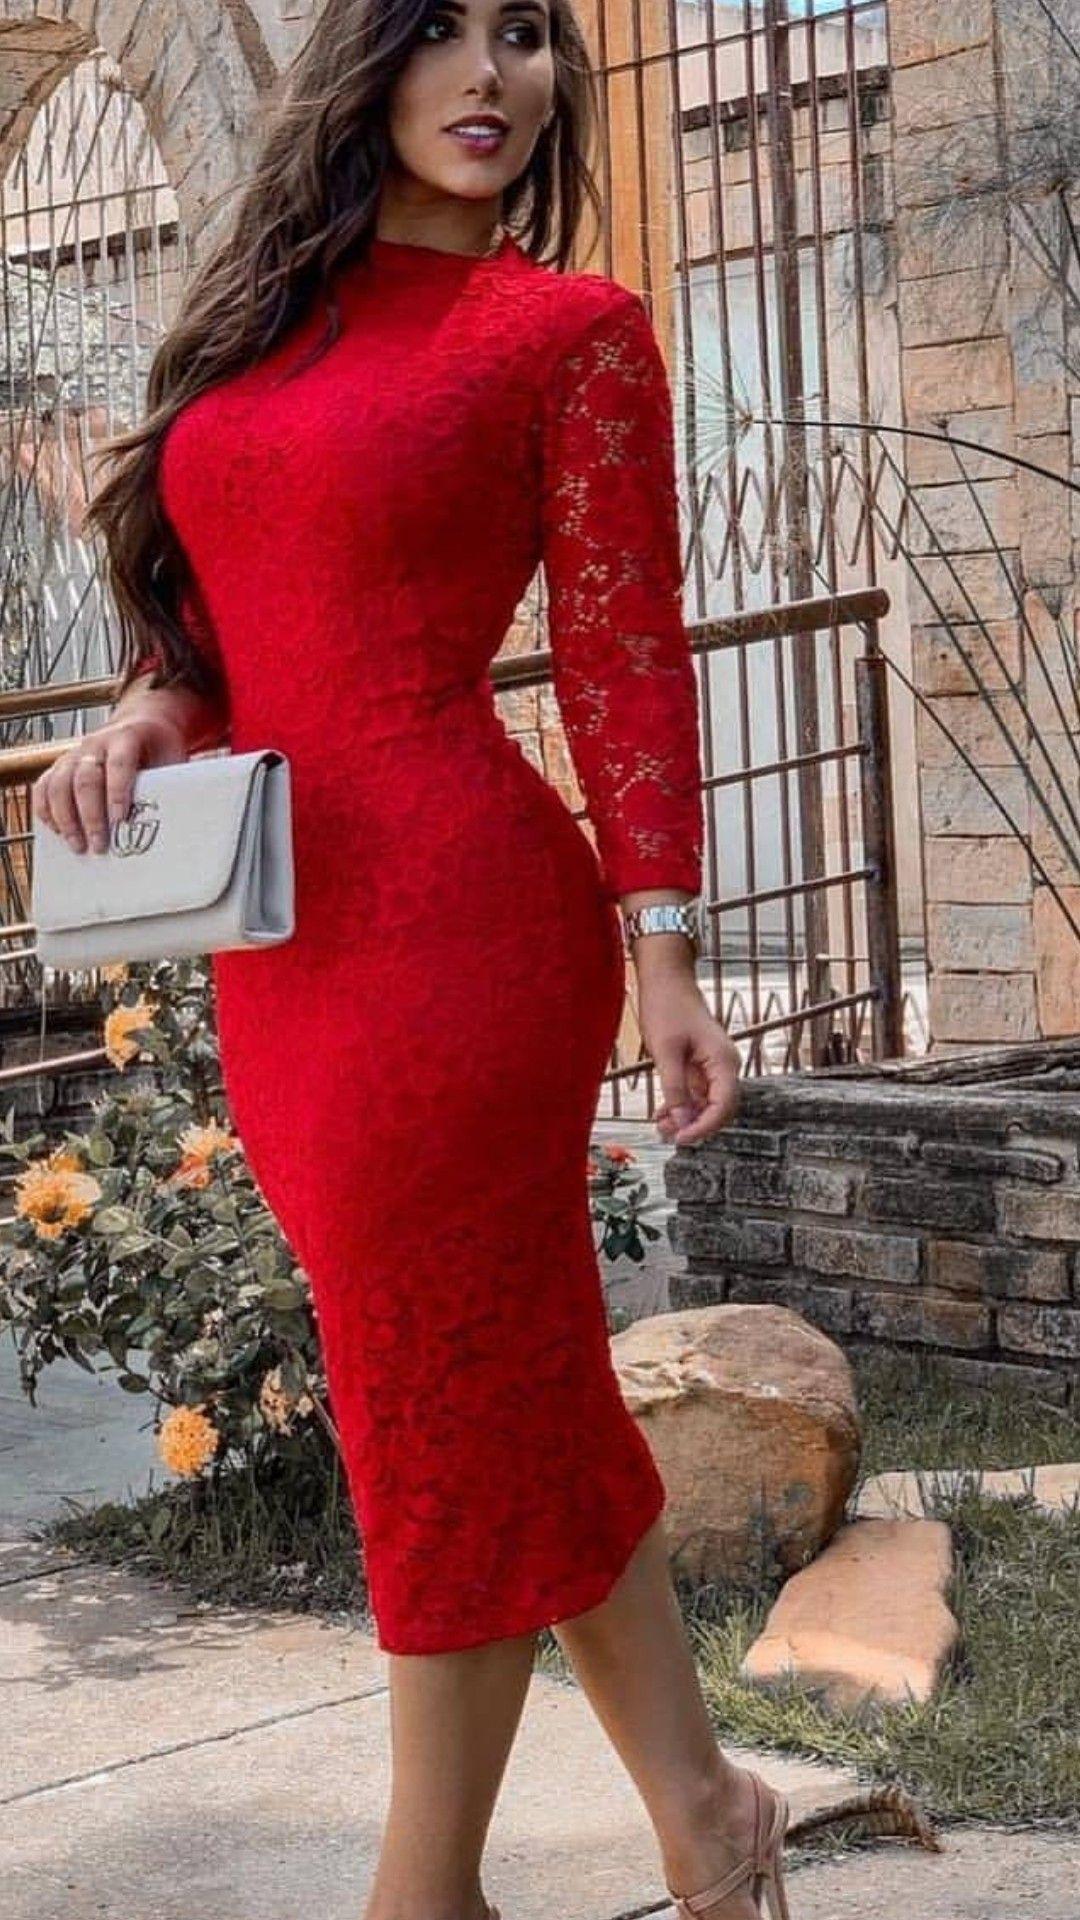 ac5c1340b Pin de Belinda Carrillo Cardenas em Lovely em 2019 | Vestido de festa e  Vestidos